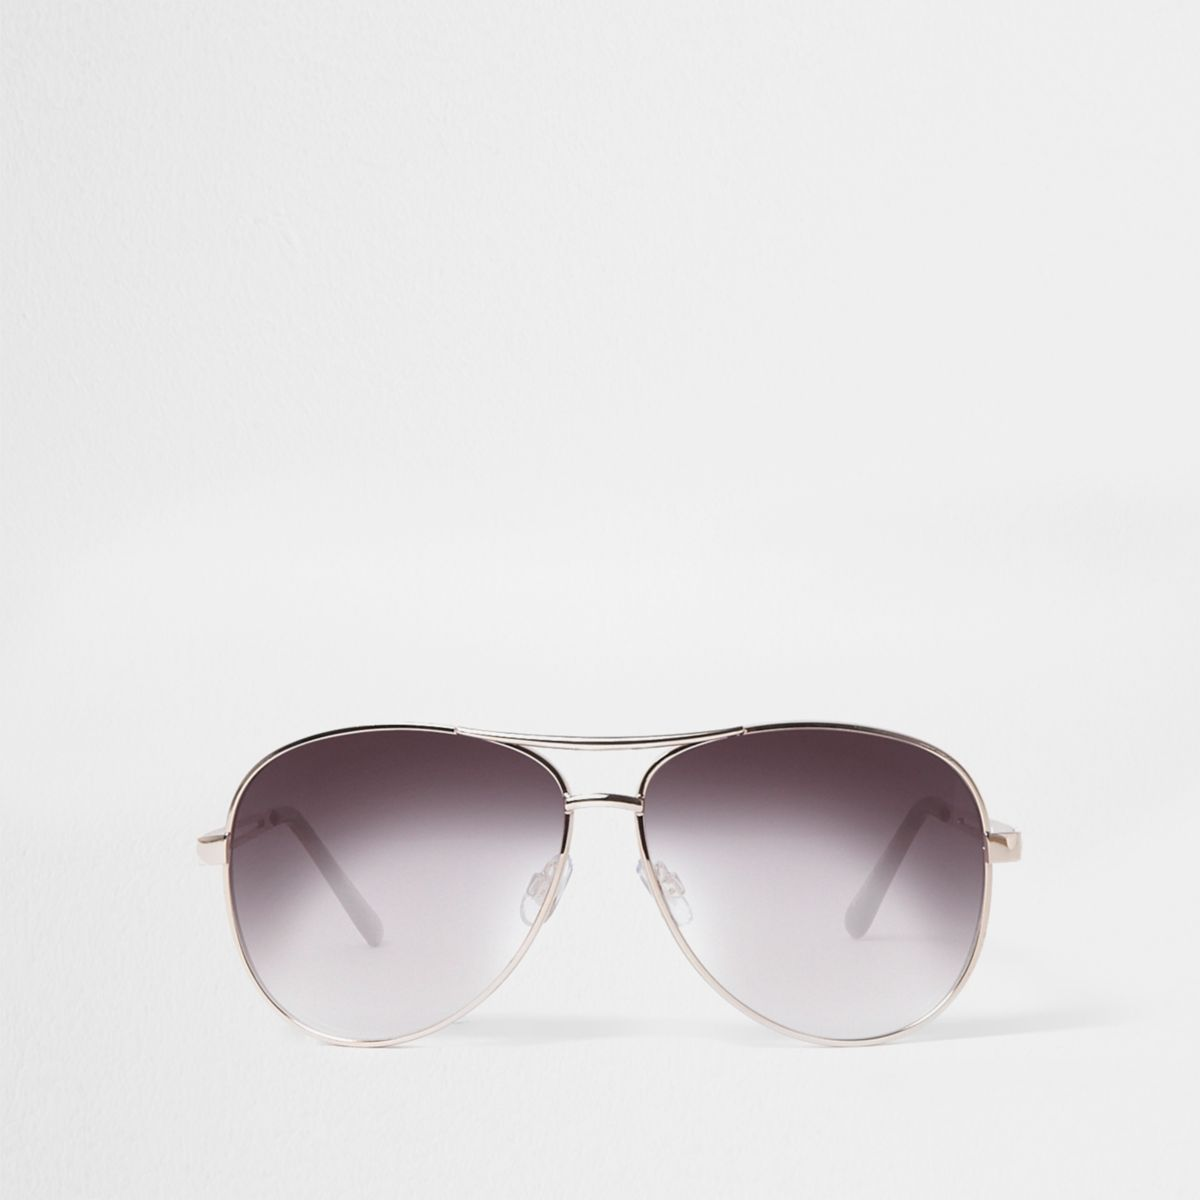 Gold tone aviator smoke lens sunglasses